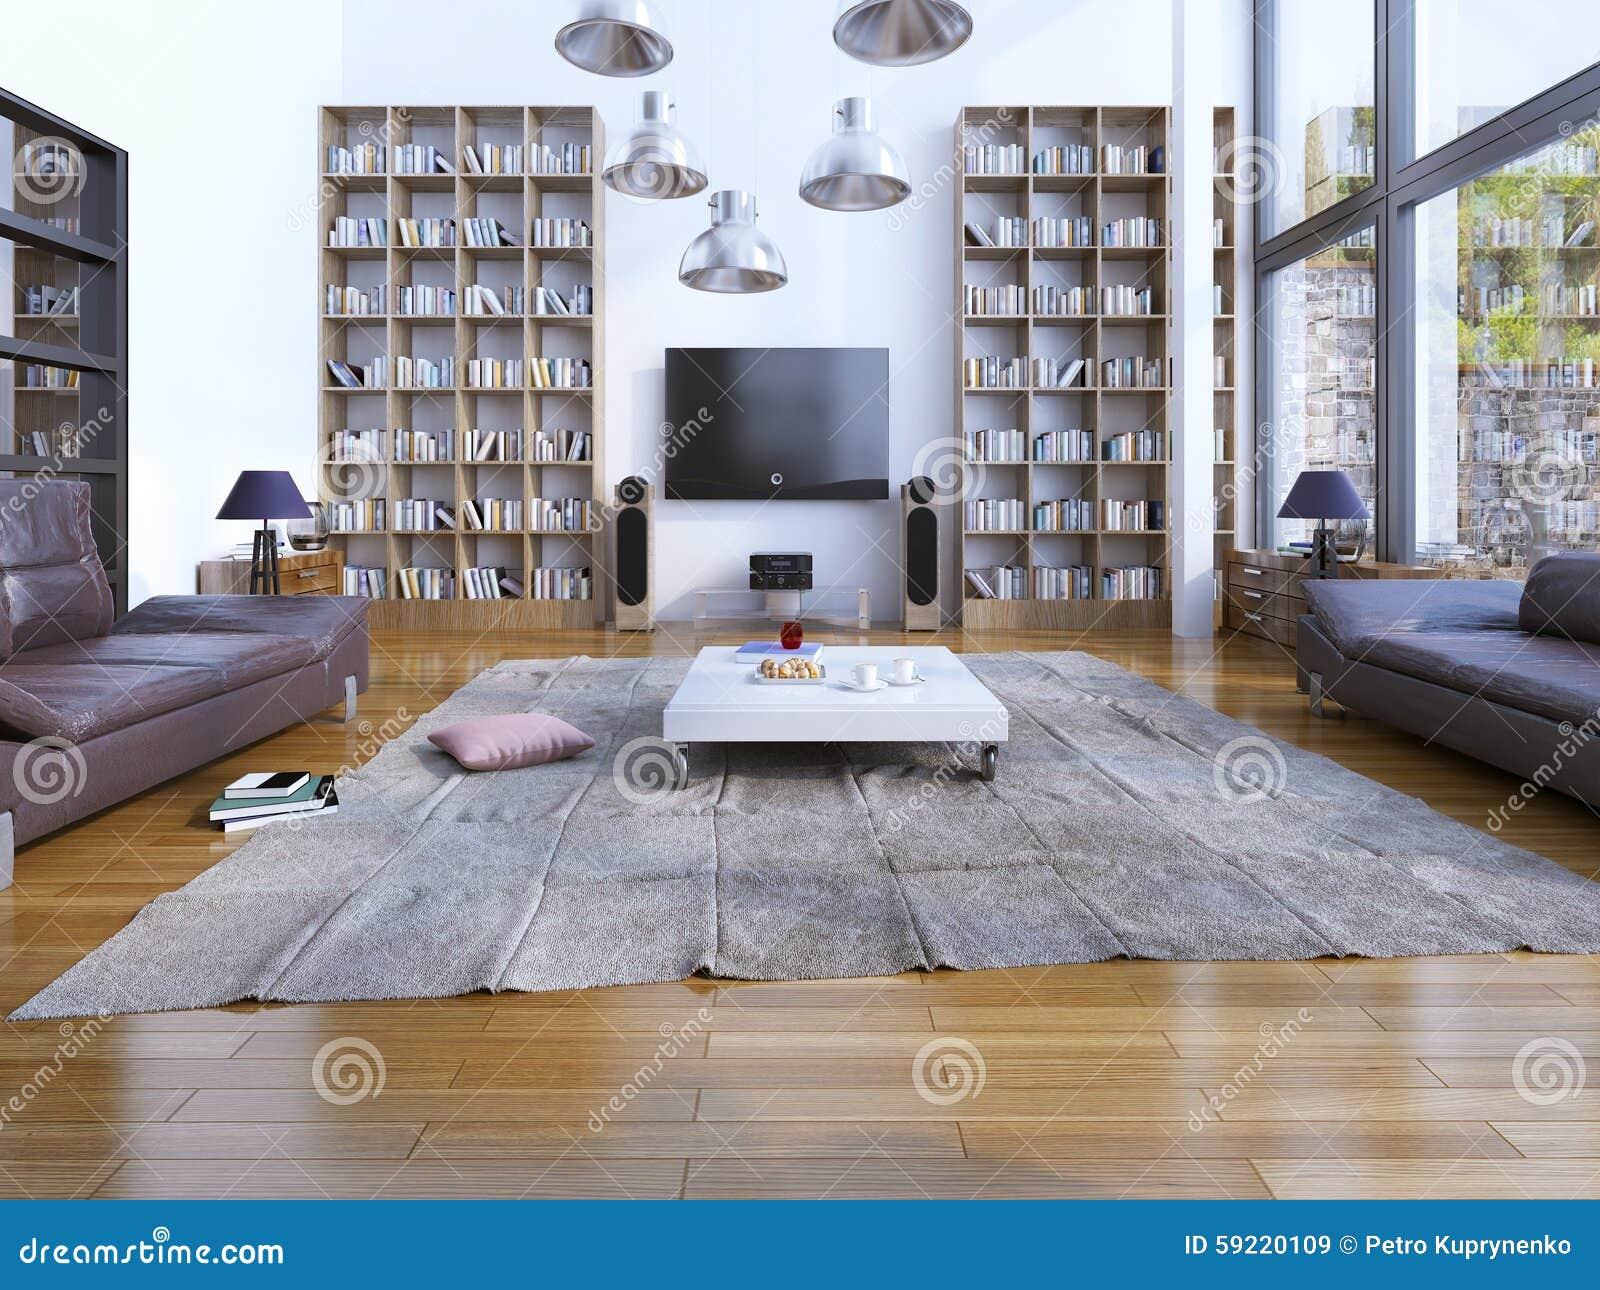 79fe06eab31ffc Conception De Salon Spacieux Avec Les Fenêtres Panoramiques Image ...